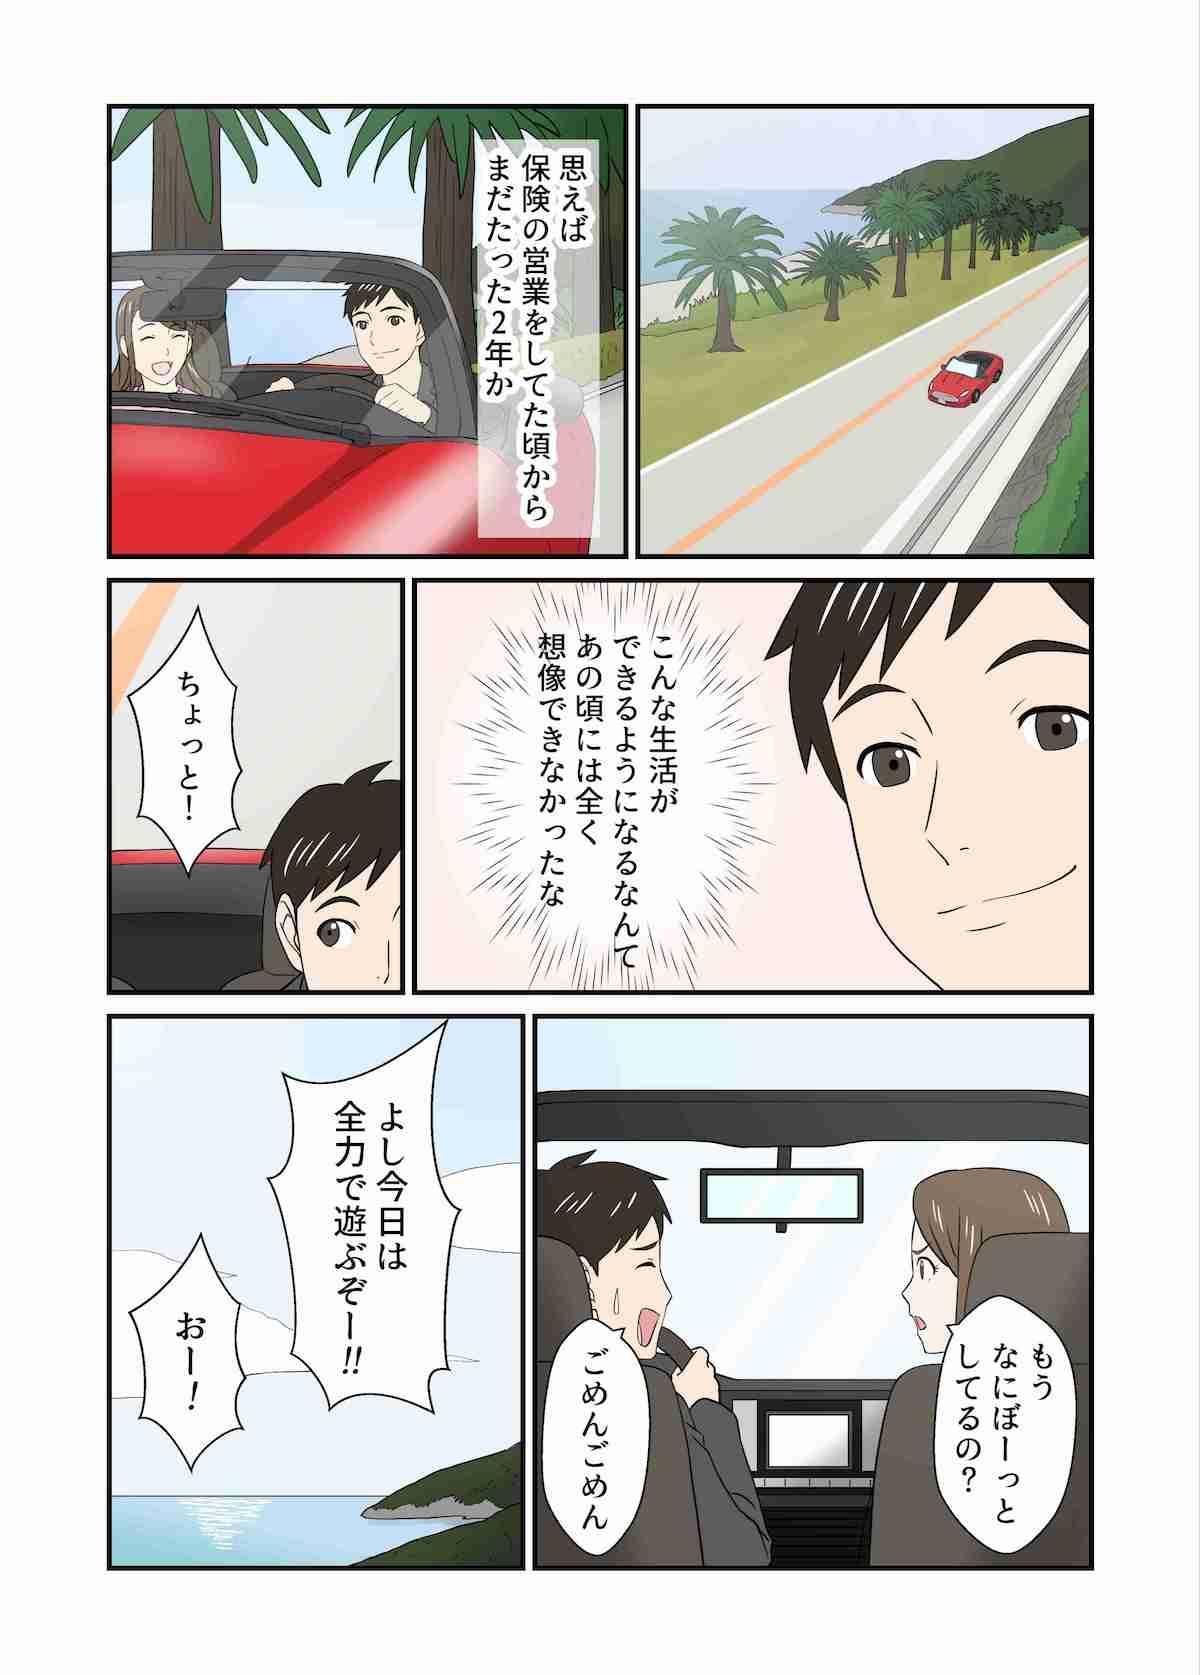 ウェブカツ漫画13ページ目